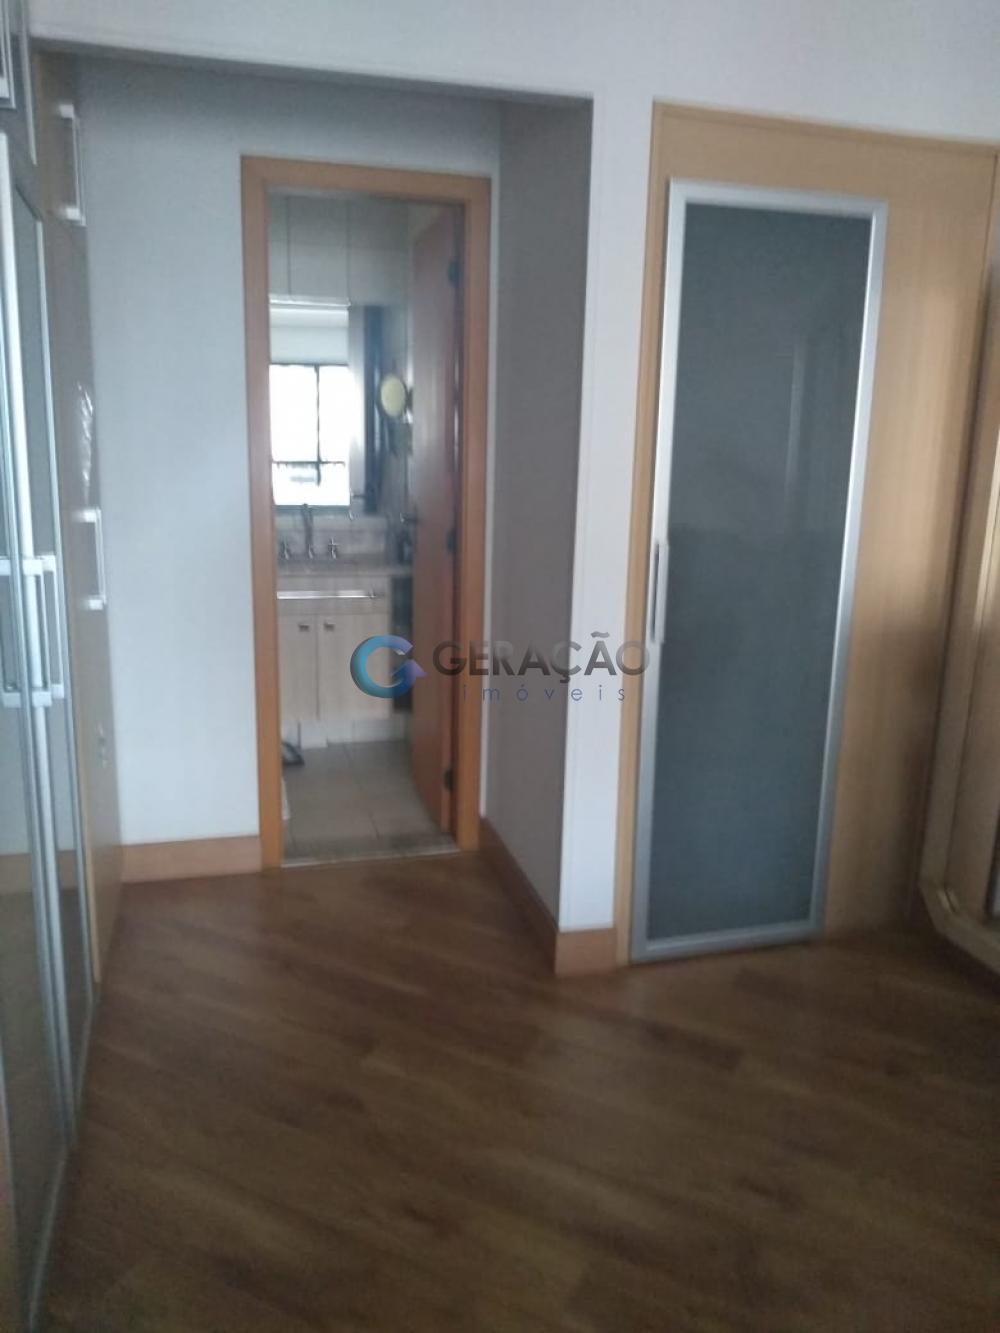 Comprar Apartamento / Padrão em São José dos Campos R$ 1.300.000,00 - Foto 4